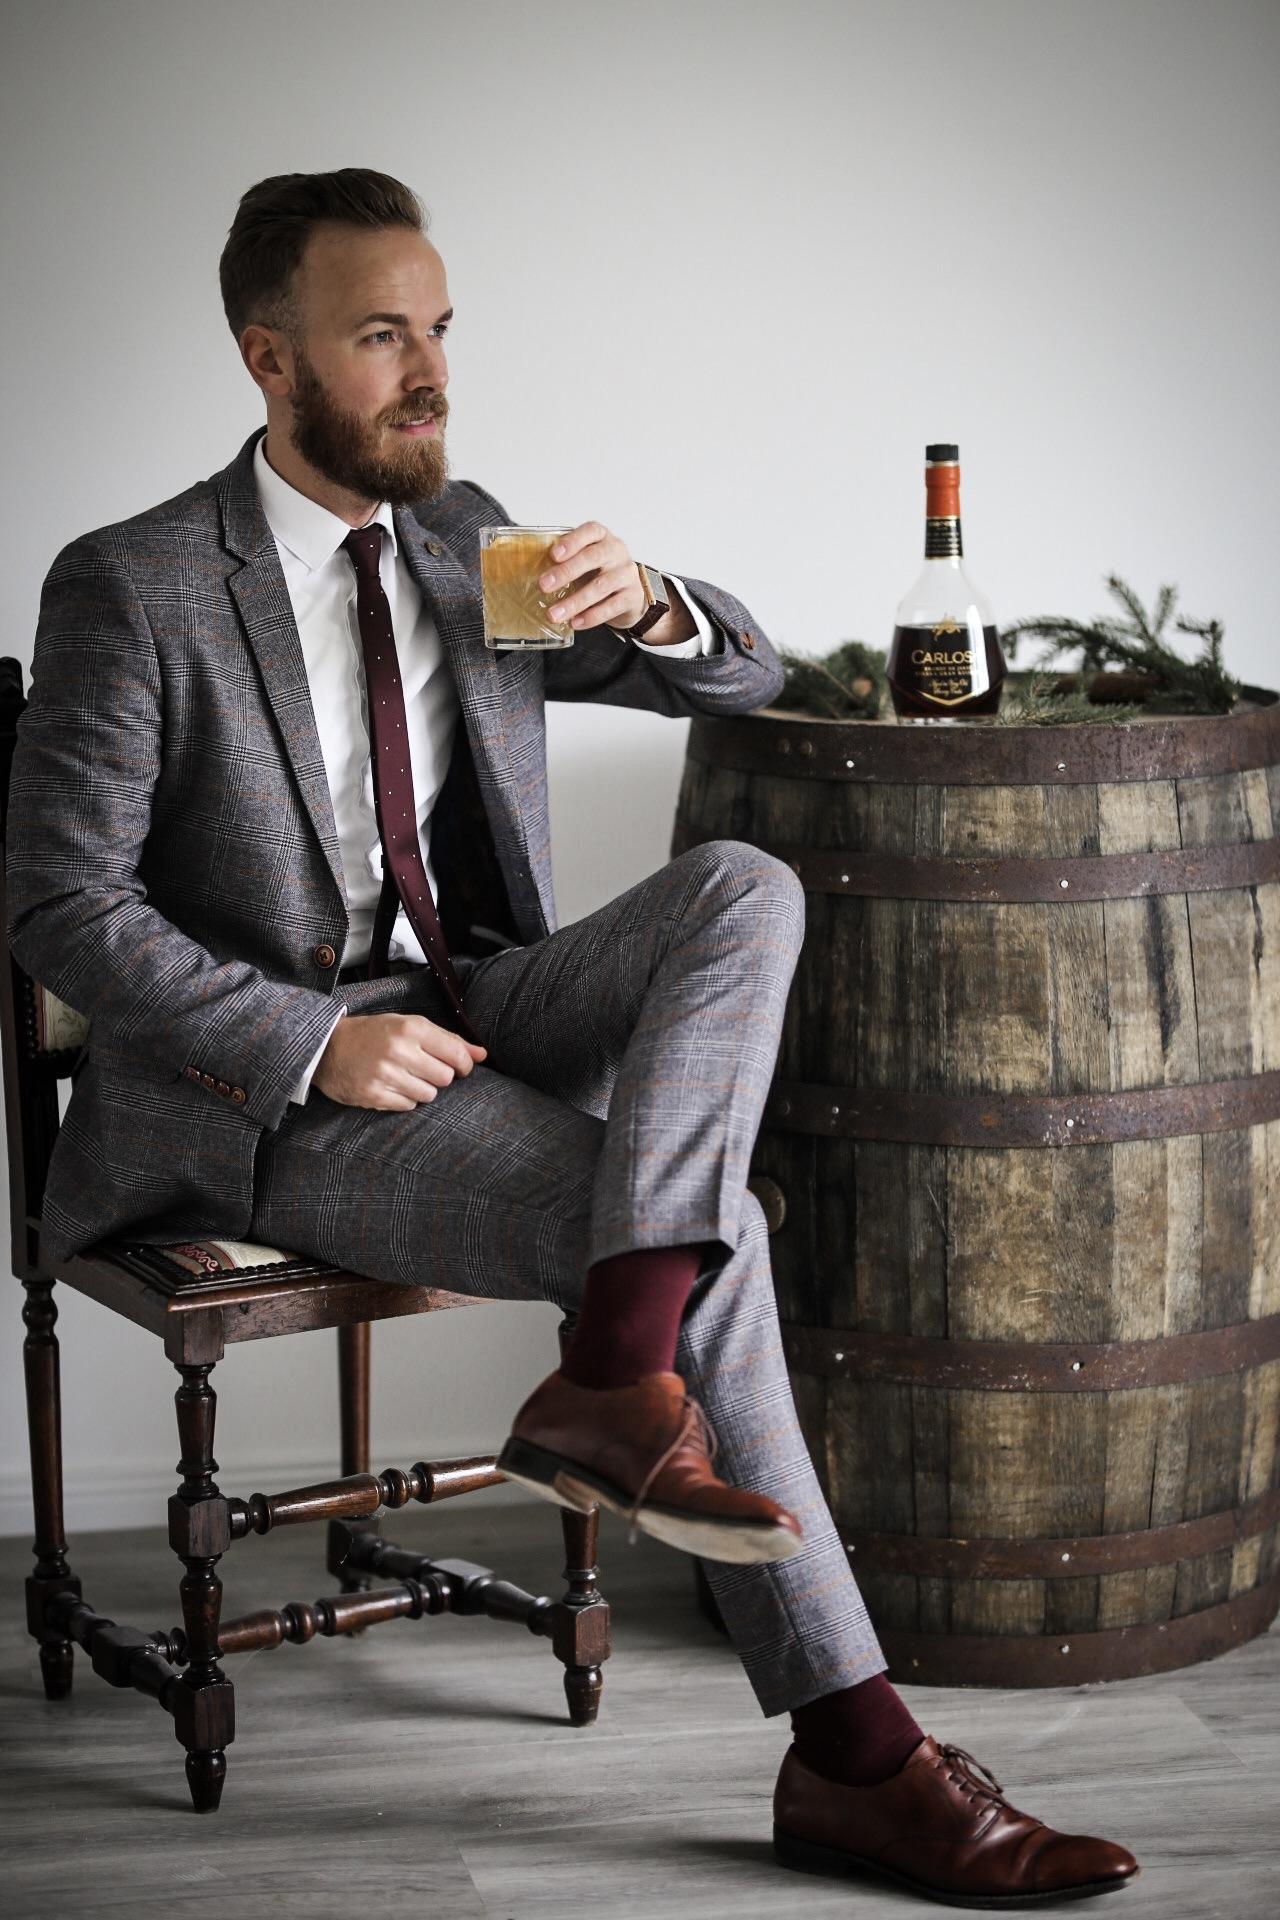 Edle Cocktails mit CARLOS I // Adventskalender-Gewinnspiel Brandy Cocktail Weinbrand Jerez Blogger Trier Koblenz Influencer